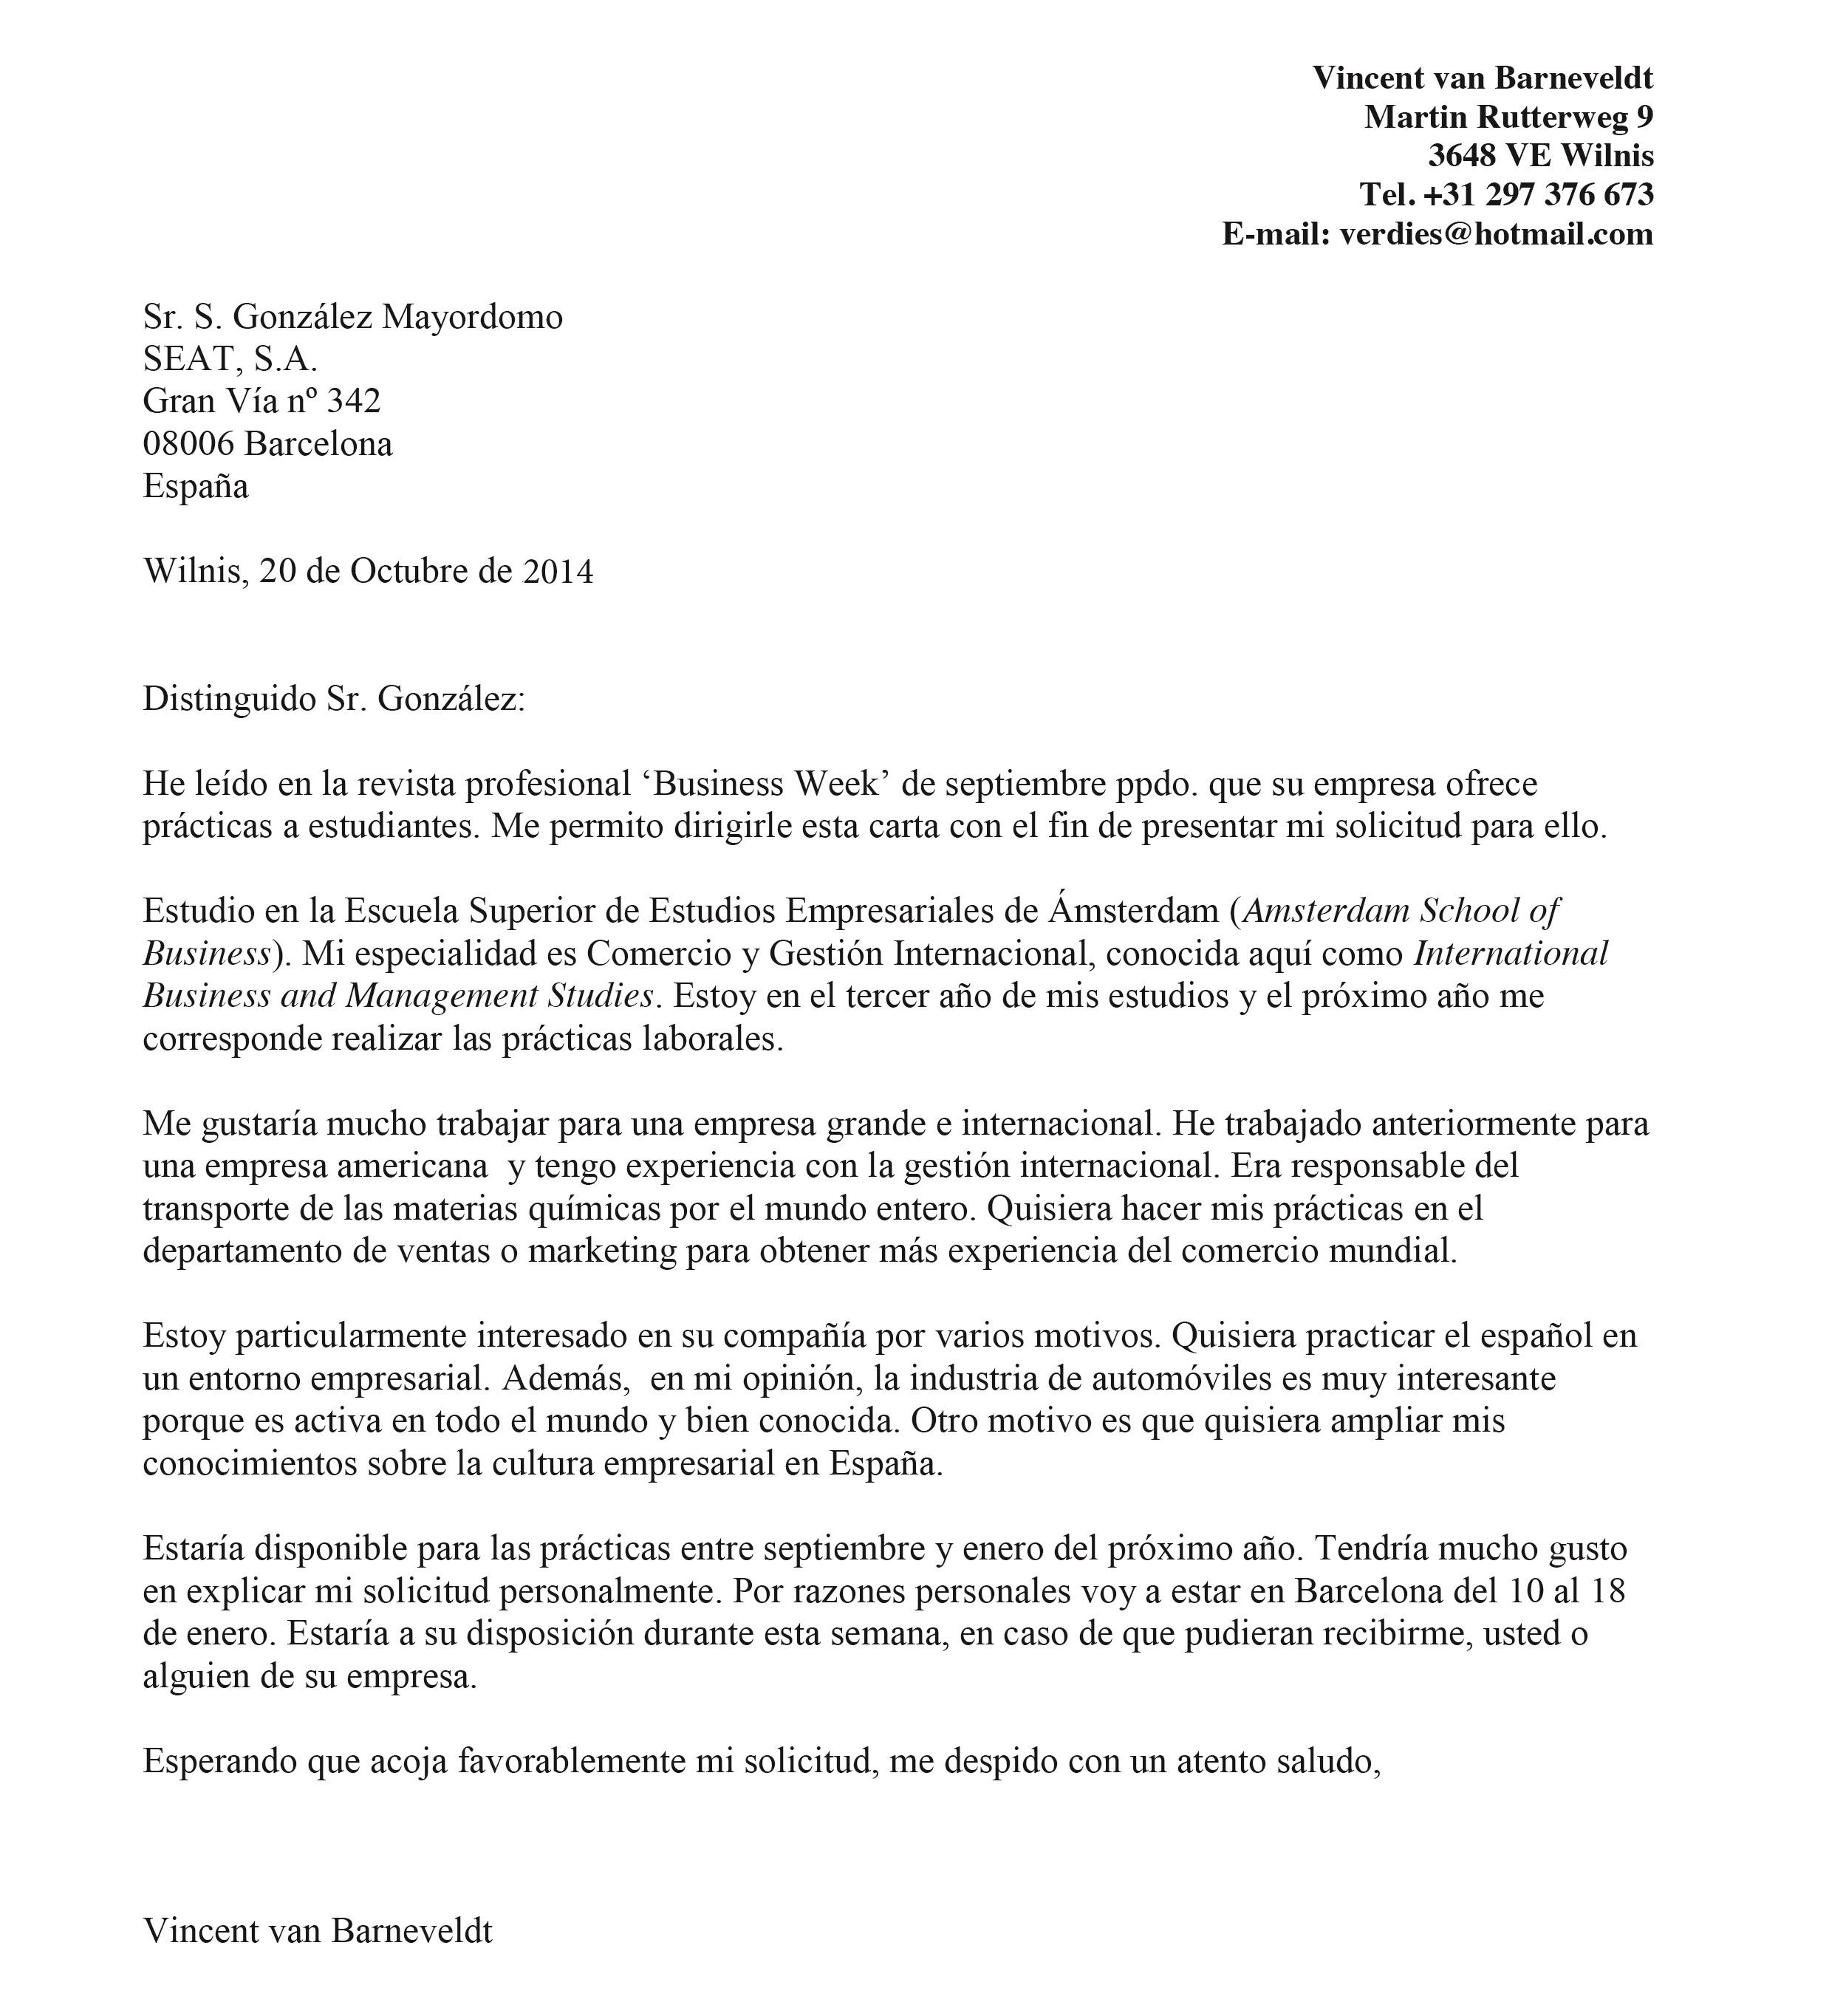 spaanse brief voorbeeld Formele Brief Spaans | gantinova